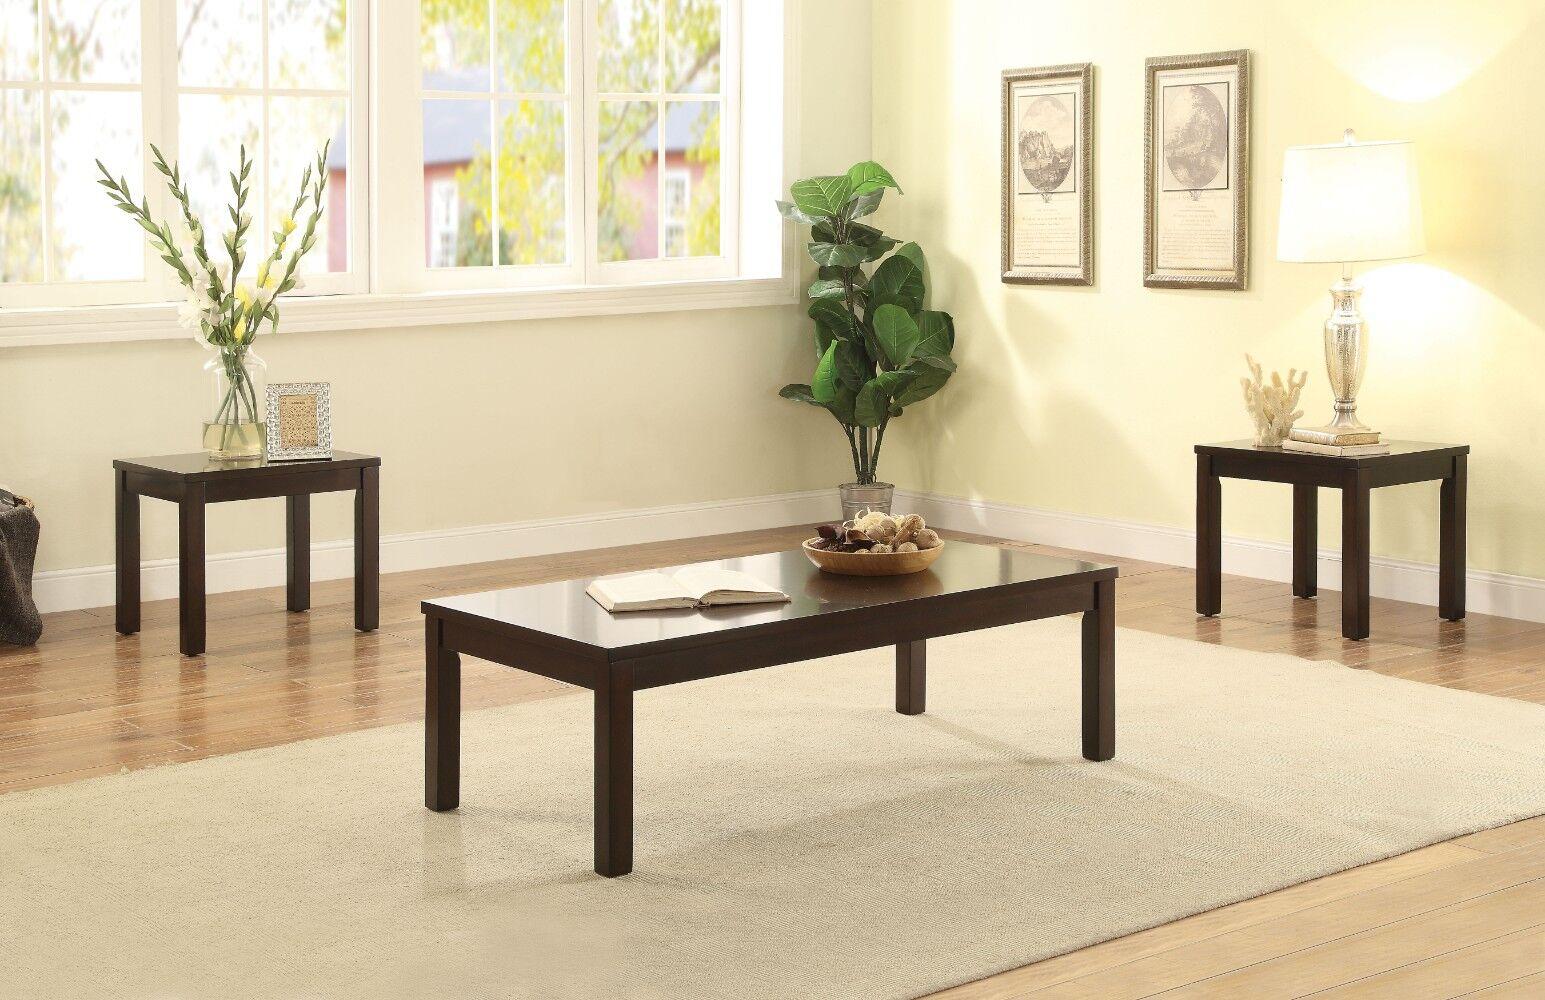 Kinman Wooden 3 Piece Coffee Table Set Color: Espresso